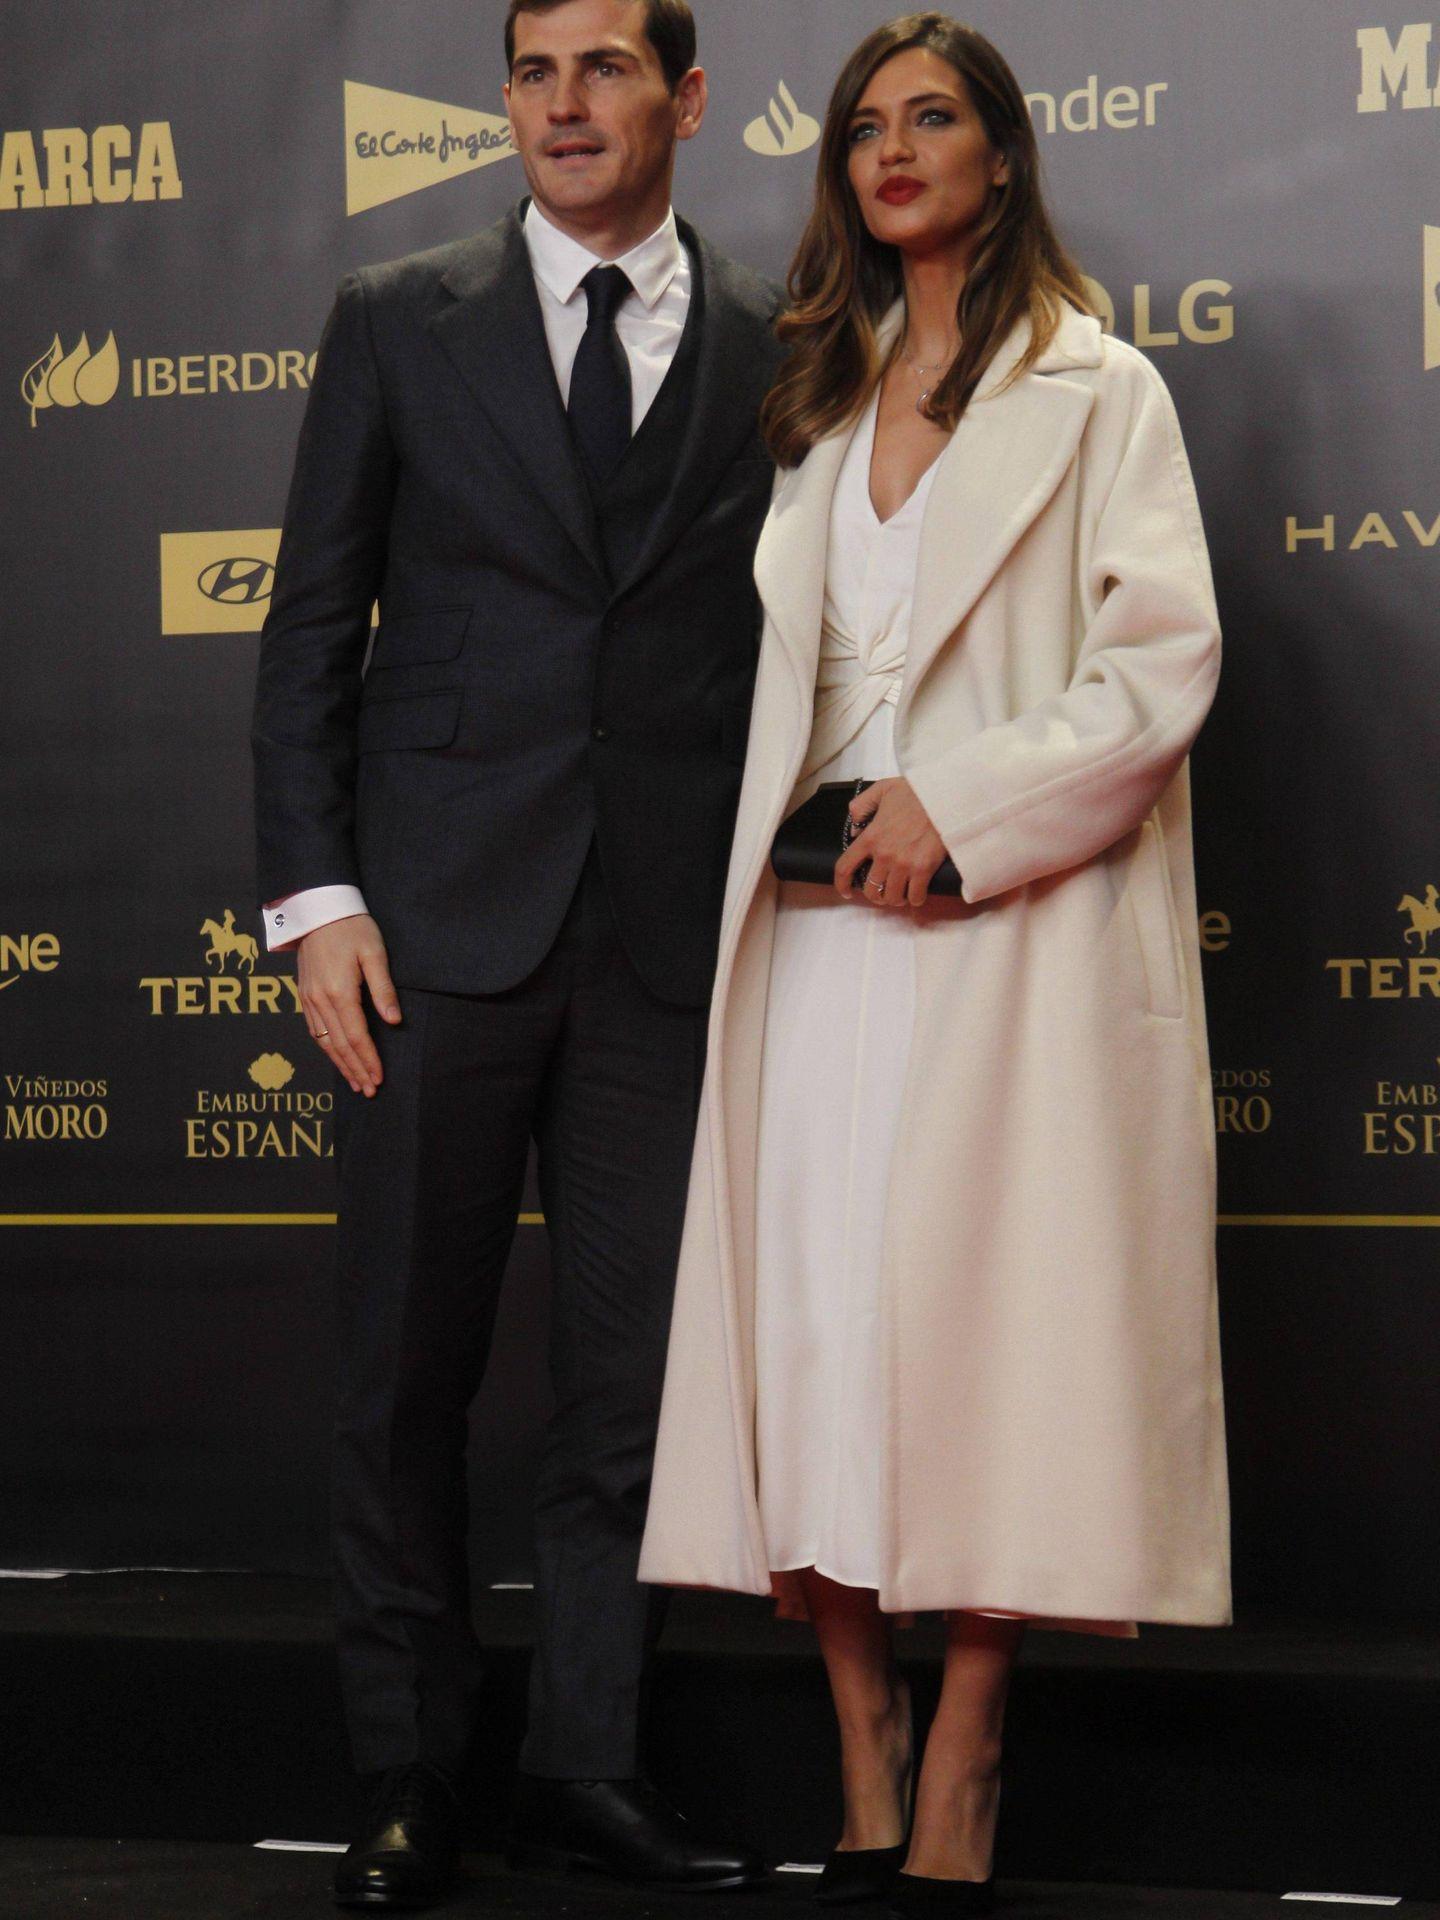 Iker Casillas y Sara Carbonero. (Cordon press)